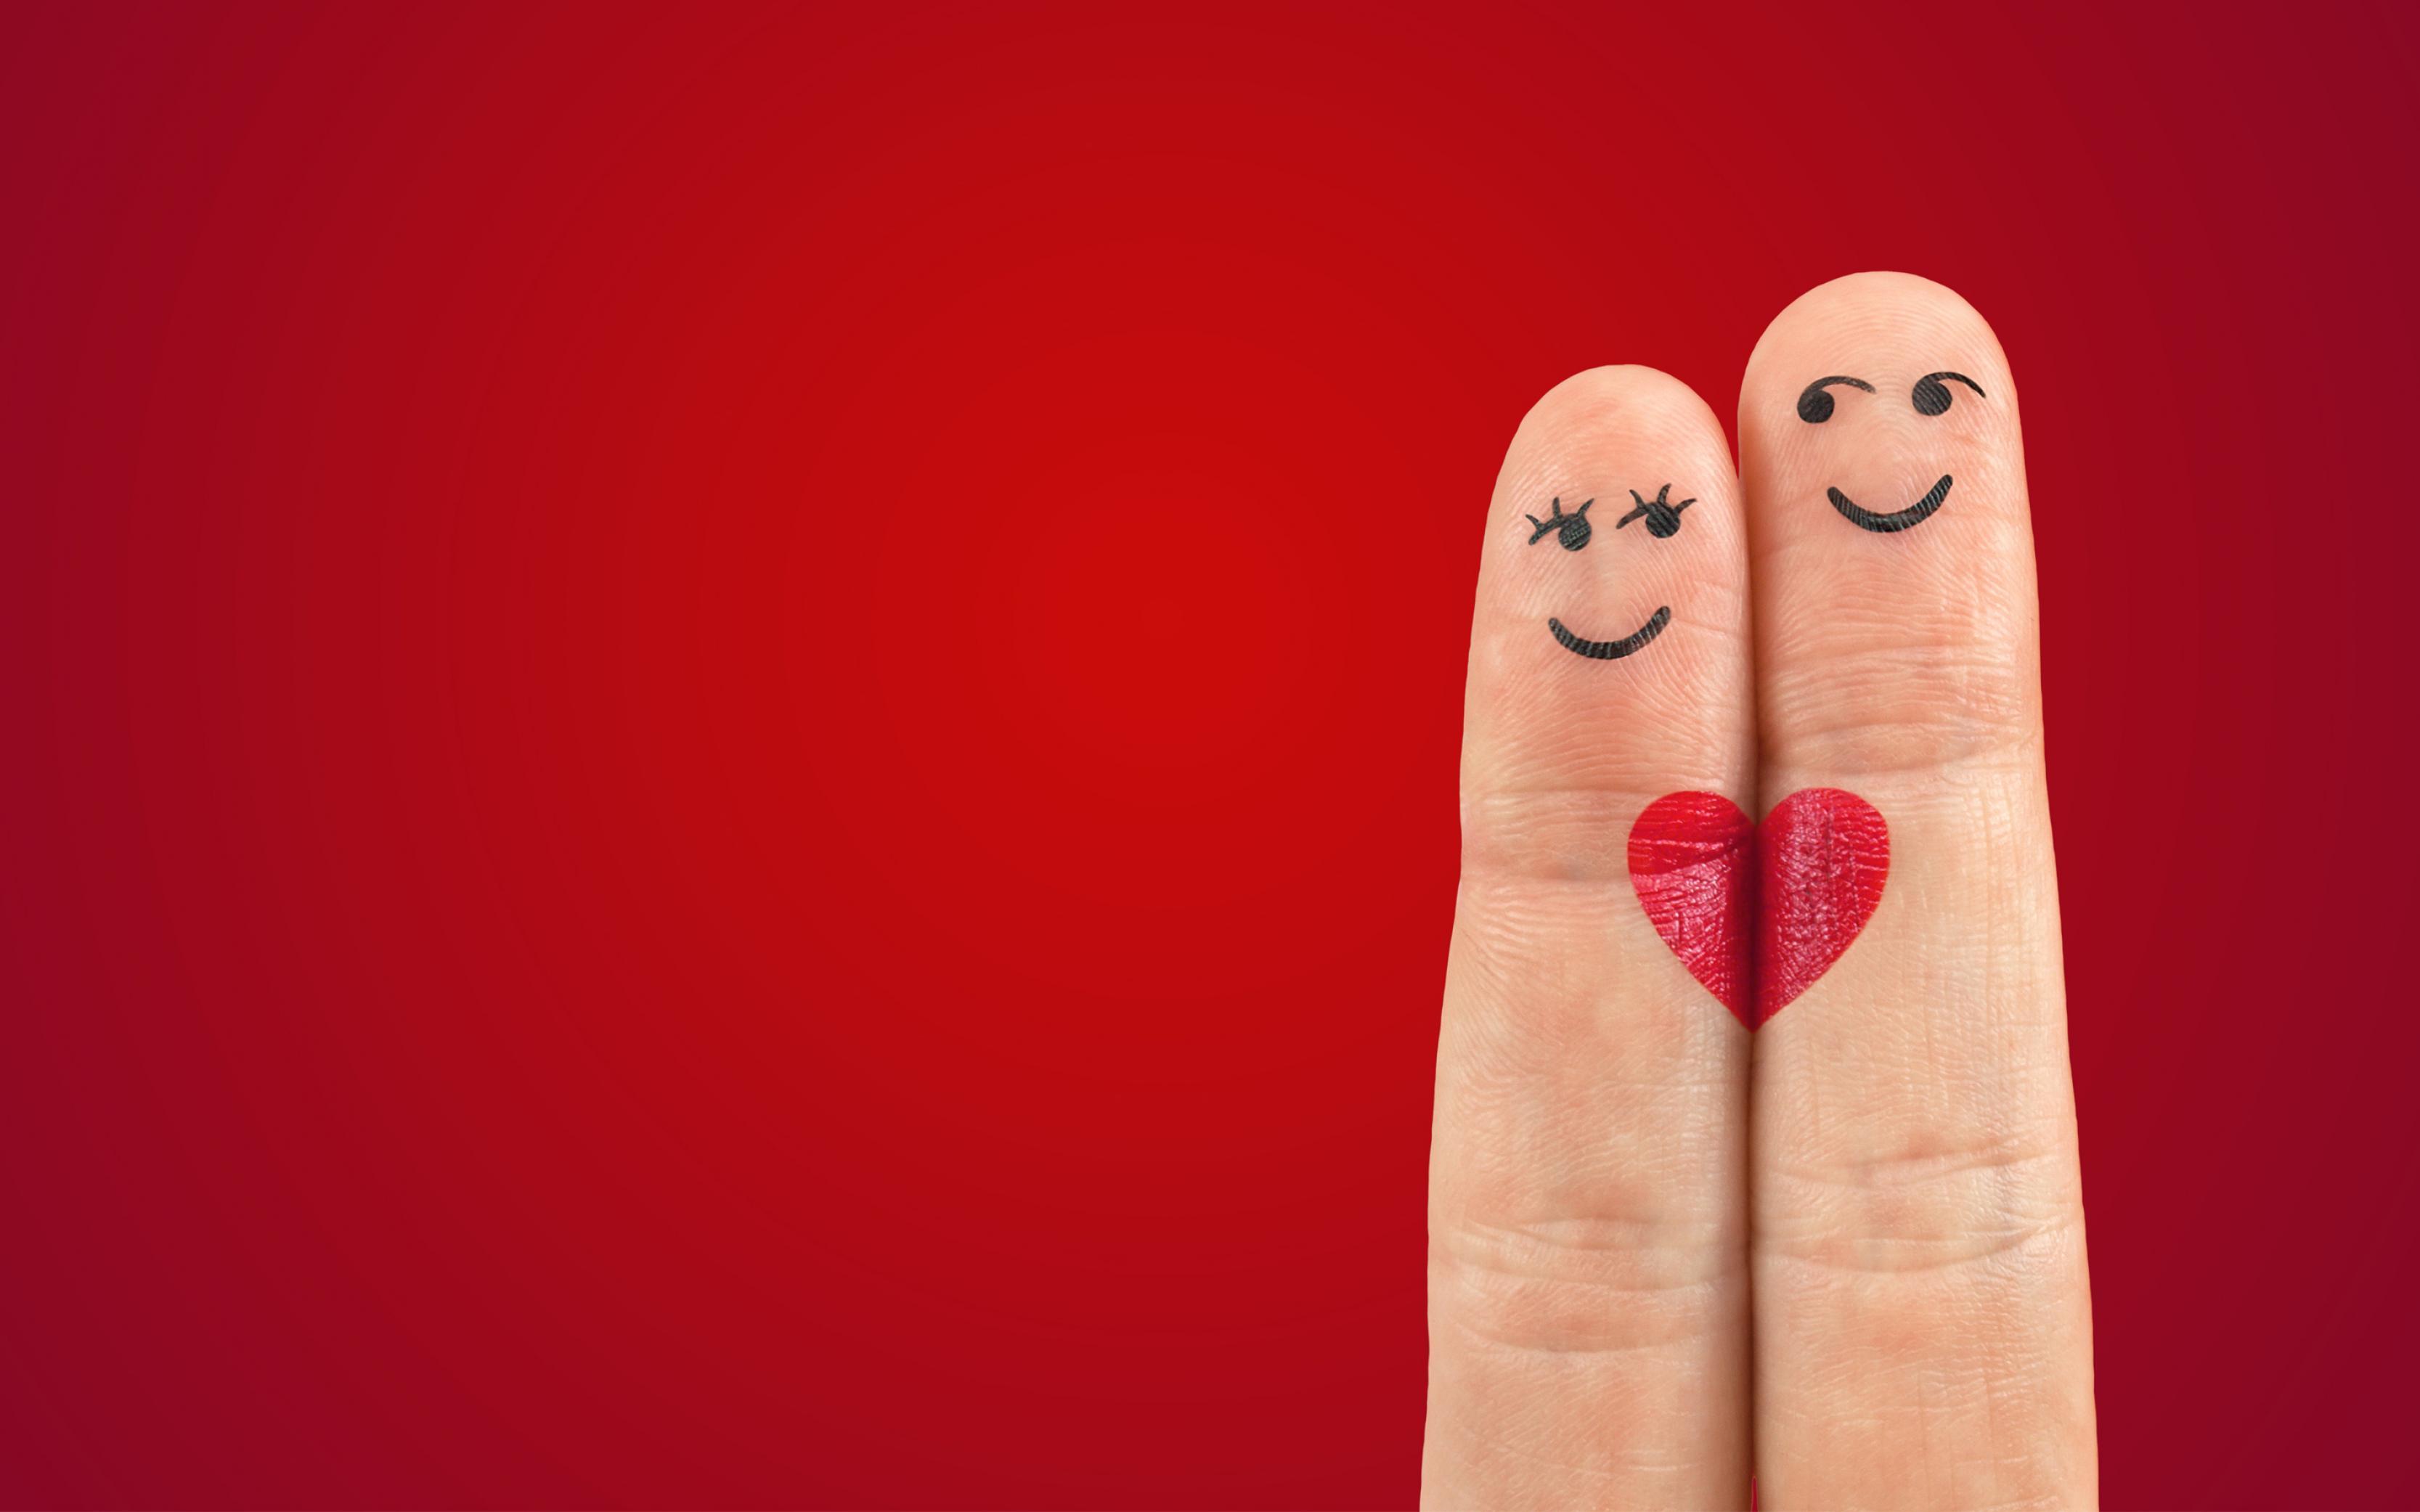 صور التهنئة بالفلانتين و الحب 4)